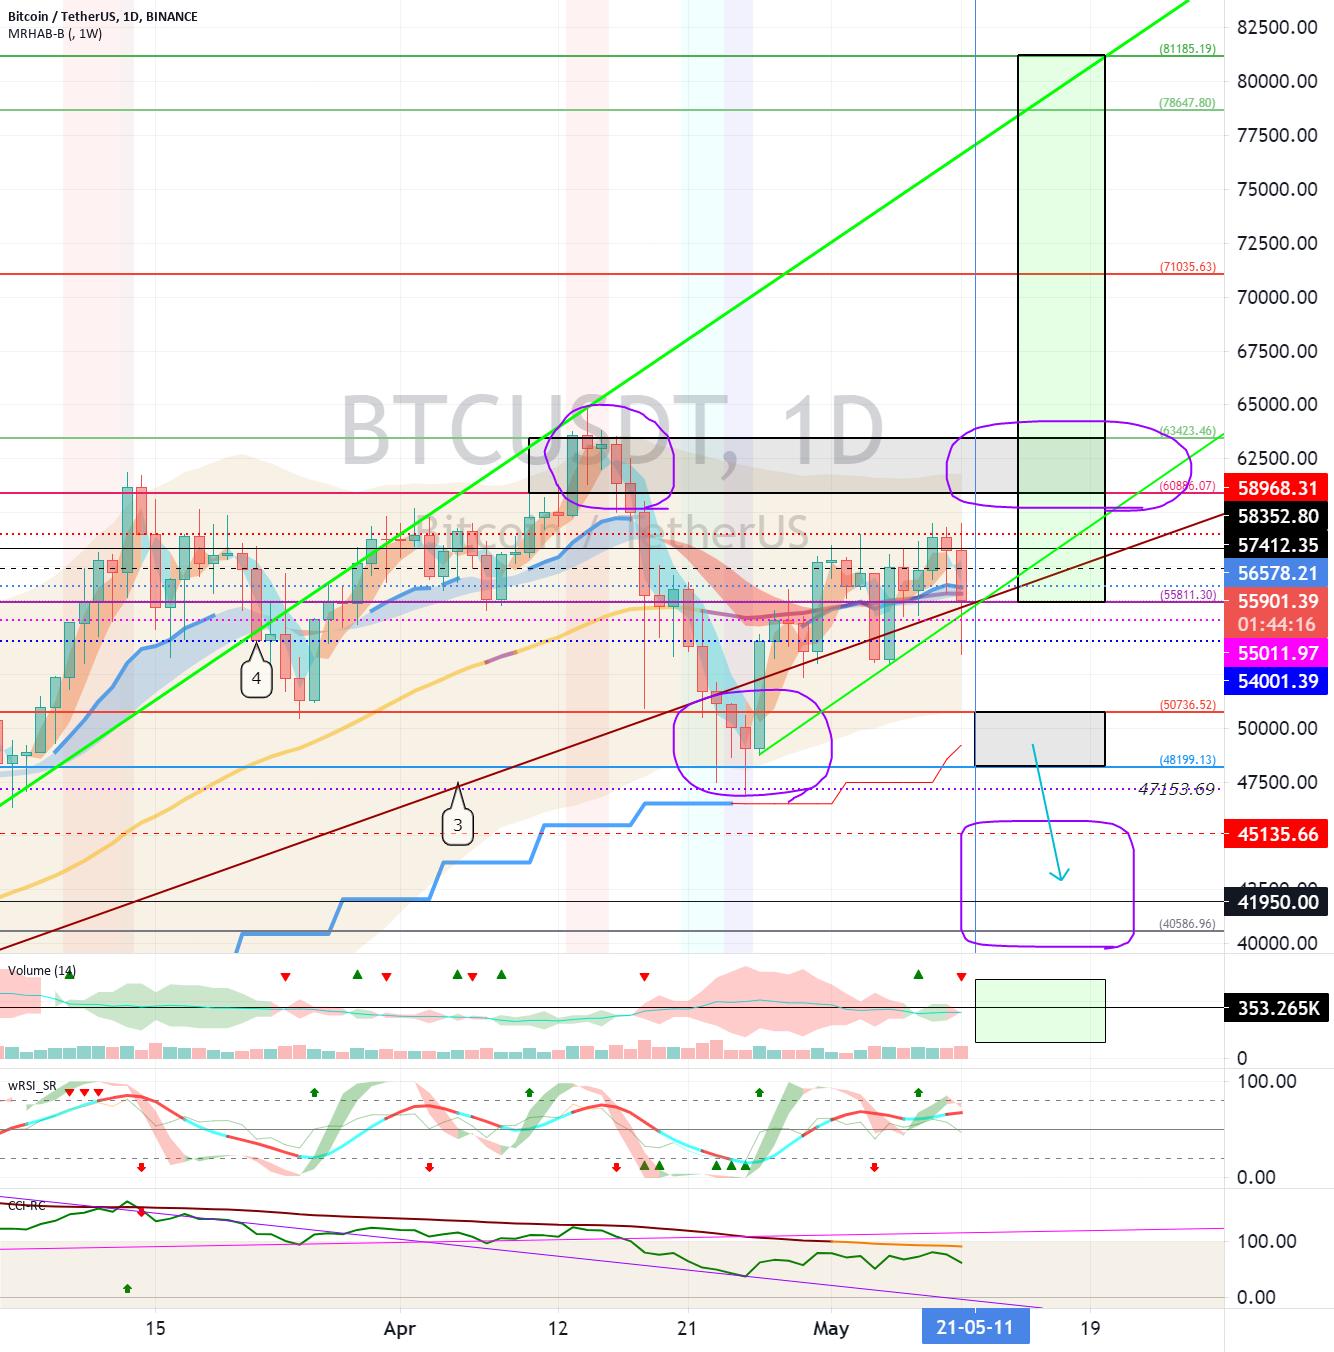 Bitcoin (BTC) - May 11 (Variability Period-15)